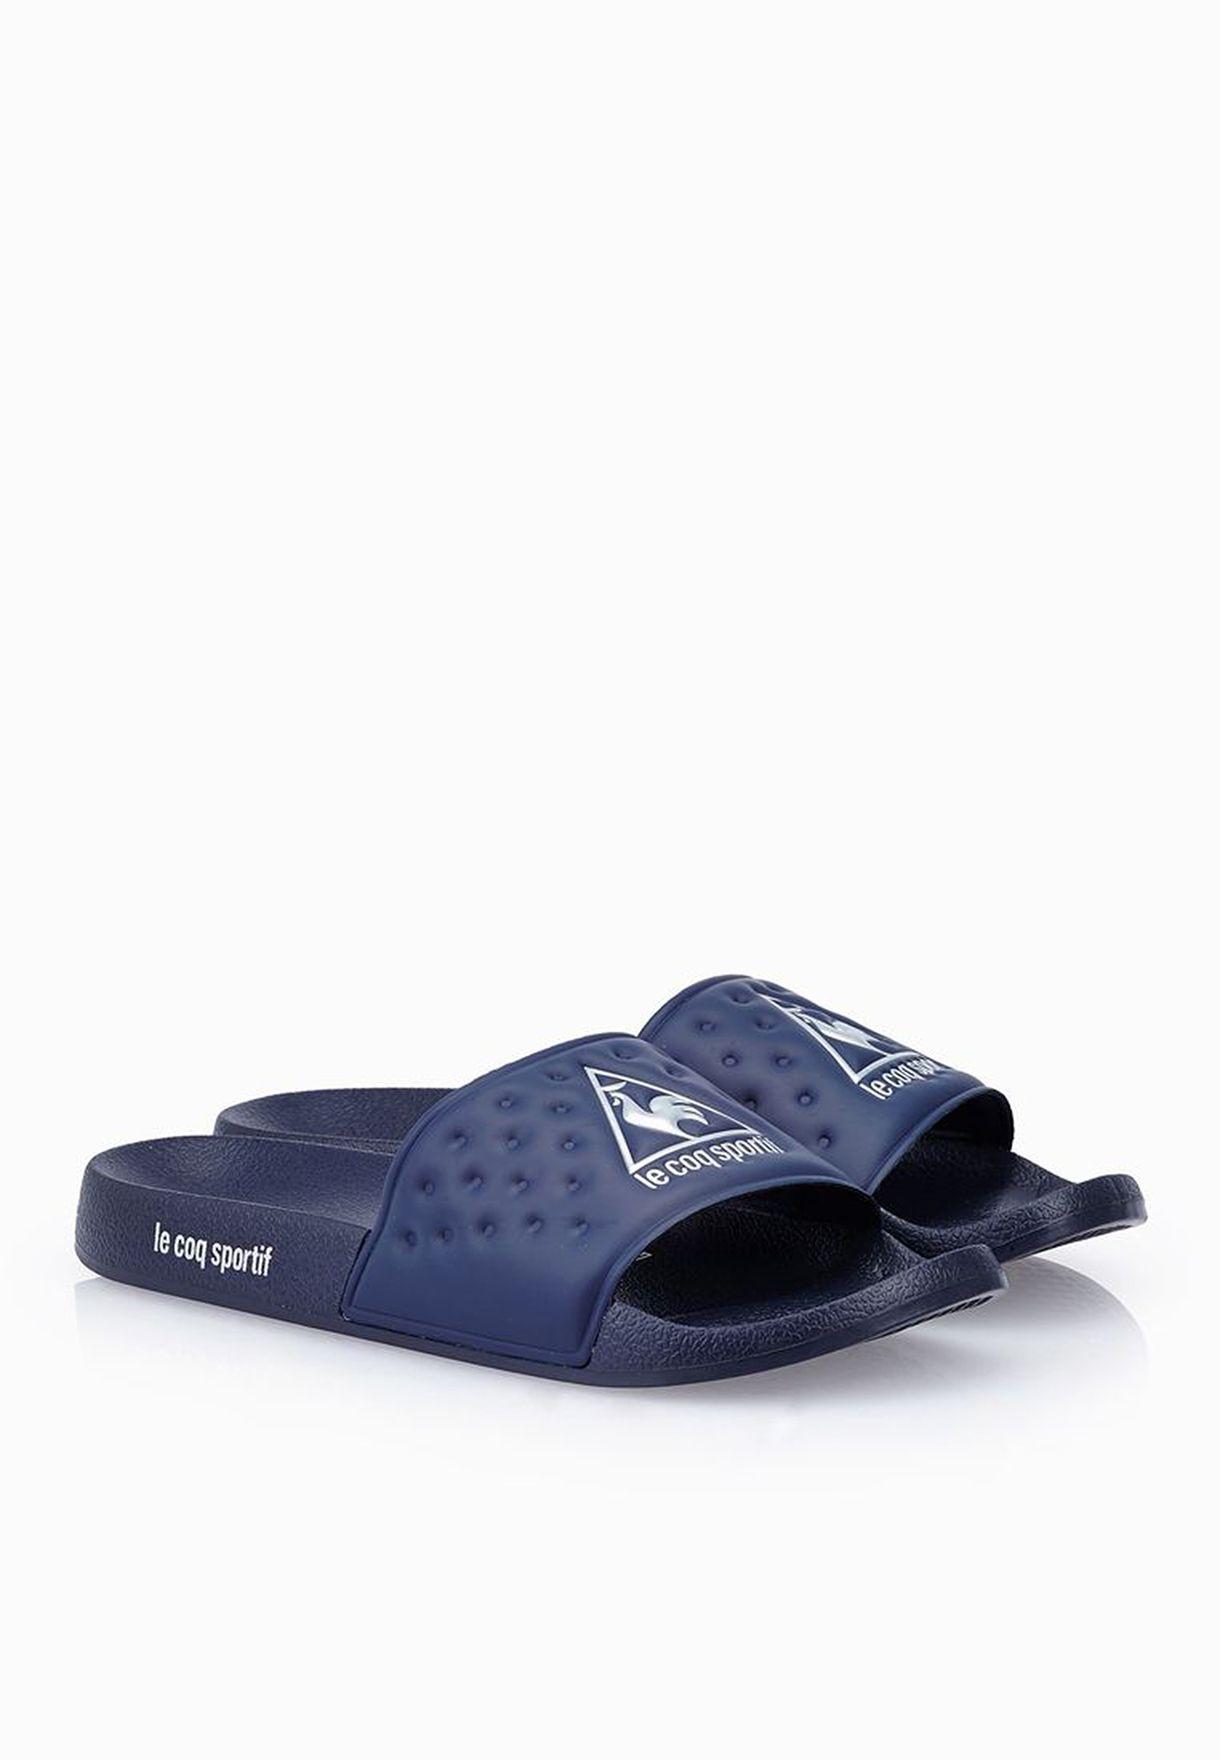 314e72a04005 Shop Le Coq Sportif blue Laclaquette Sandals for Men in Kuwait ...